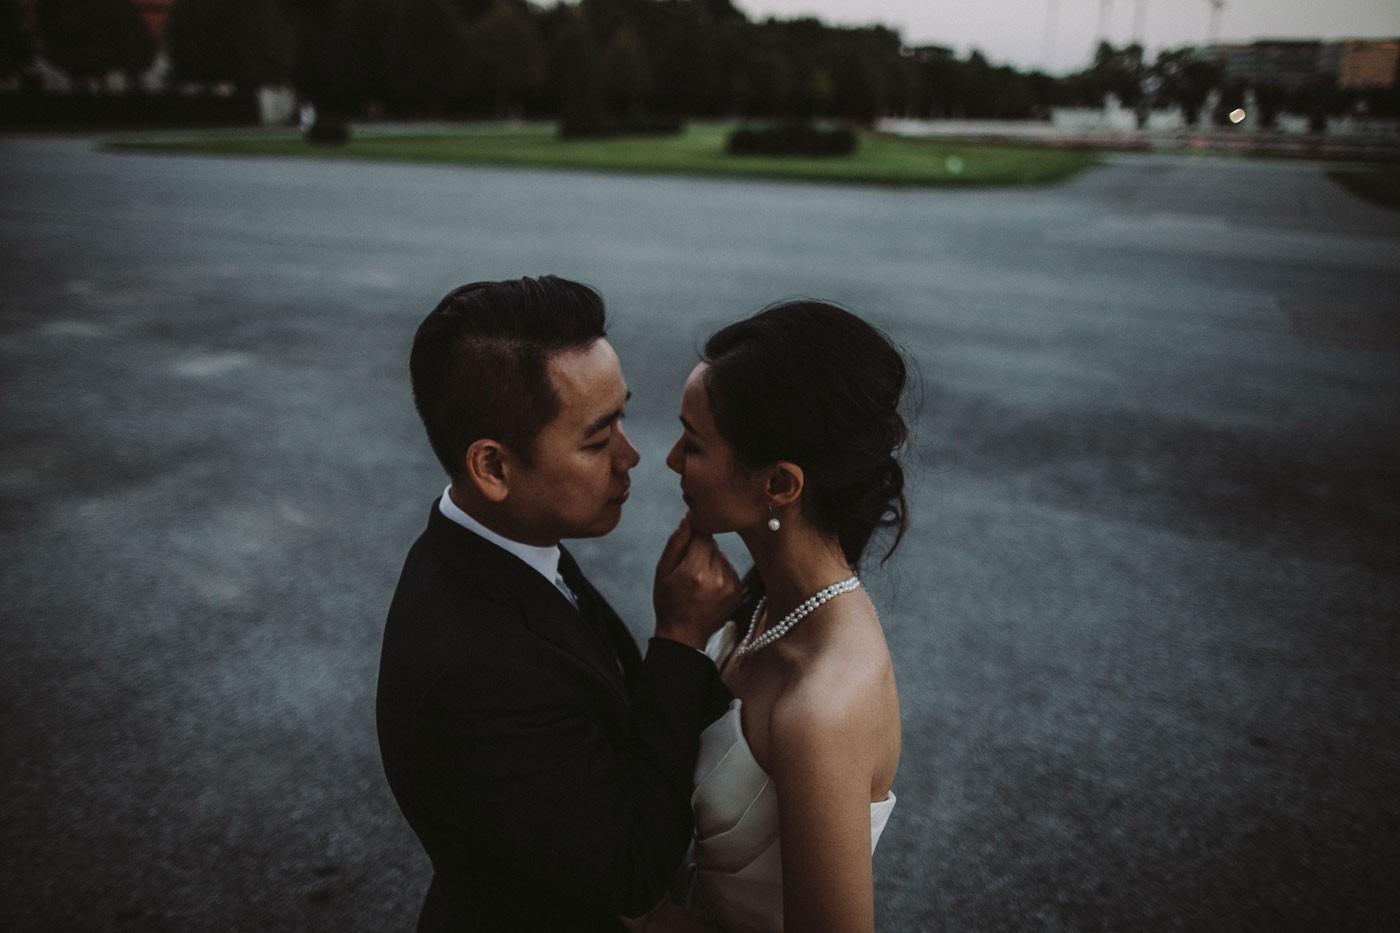 Chuyên gia Mỹ chia sẻ những điều xương máu hậu ly hôn: Qua rồi cái thời 'giữ lửa hôn nhân' là việc riêng của phụ nữ! - Ảnh 2